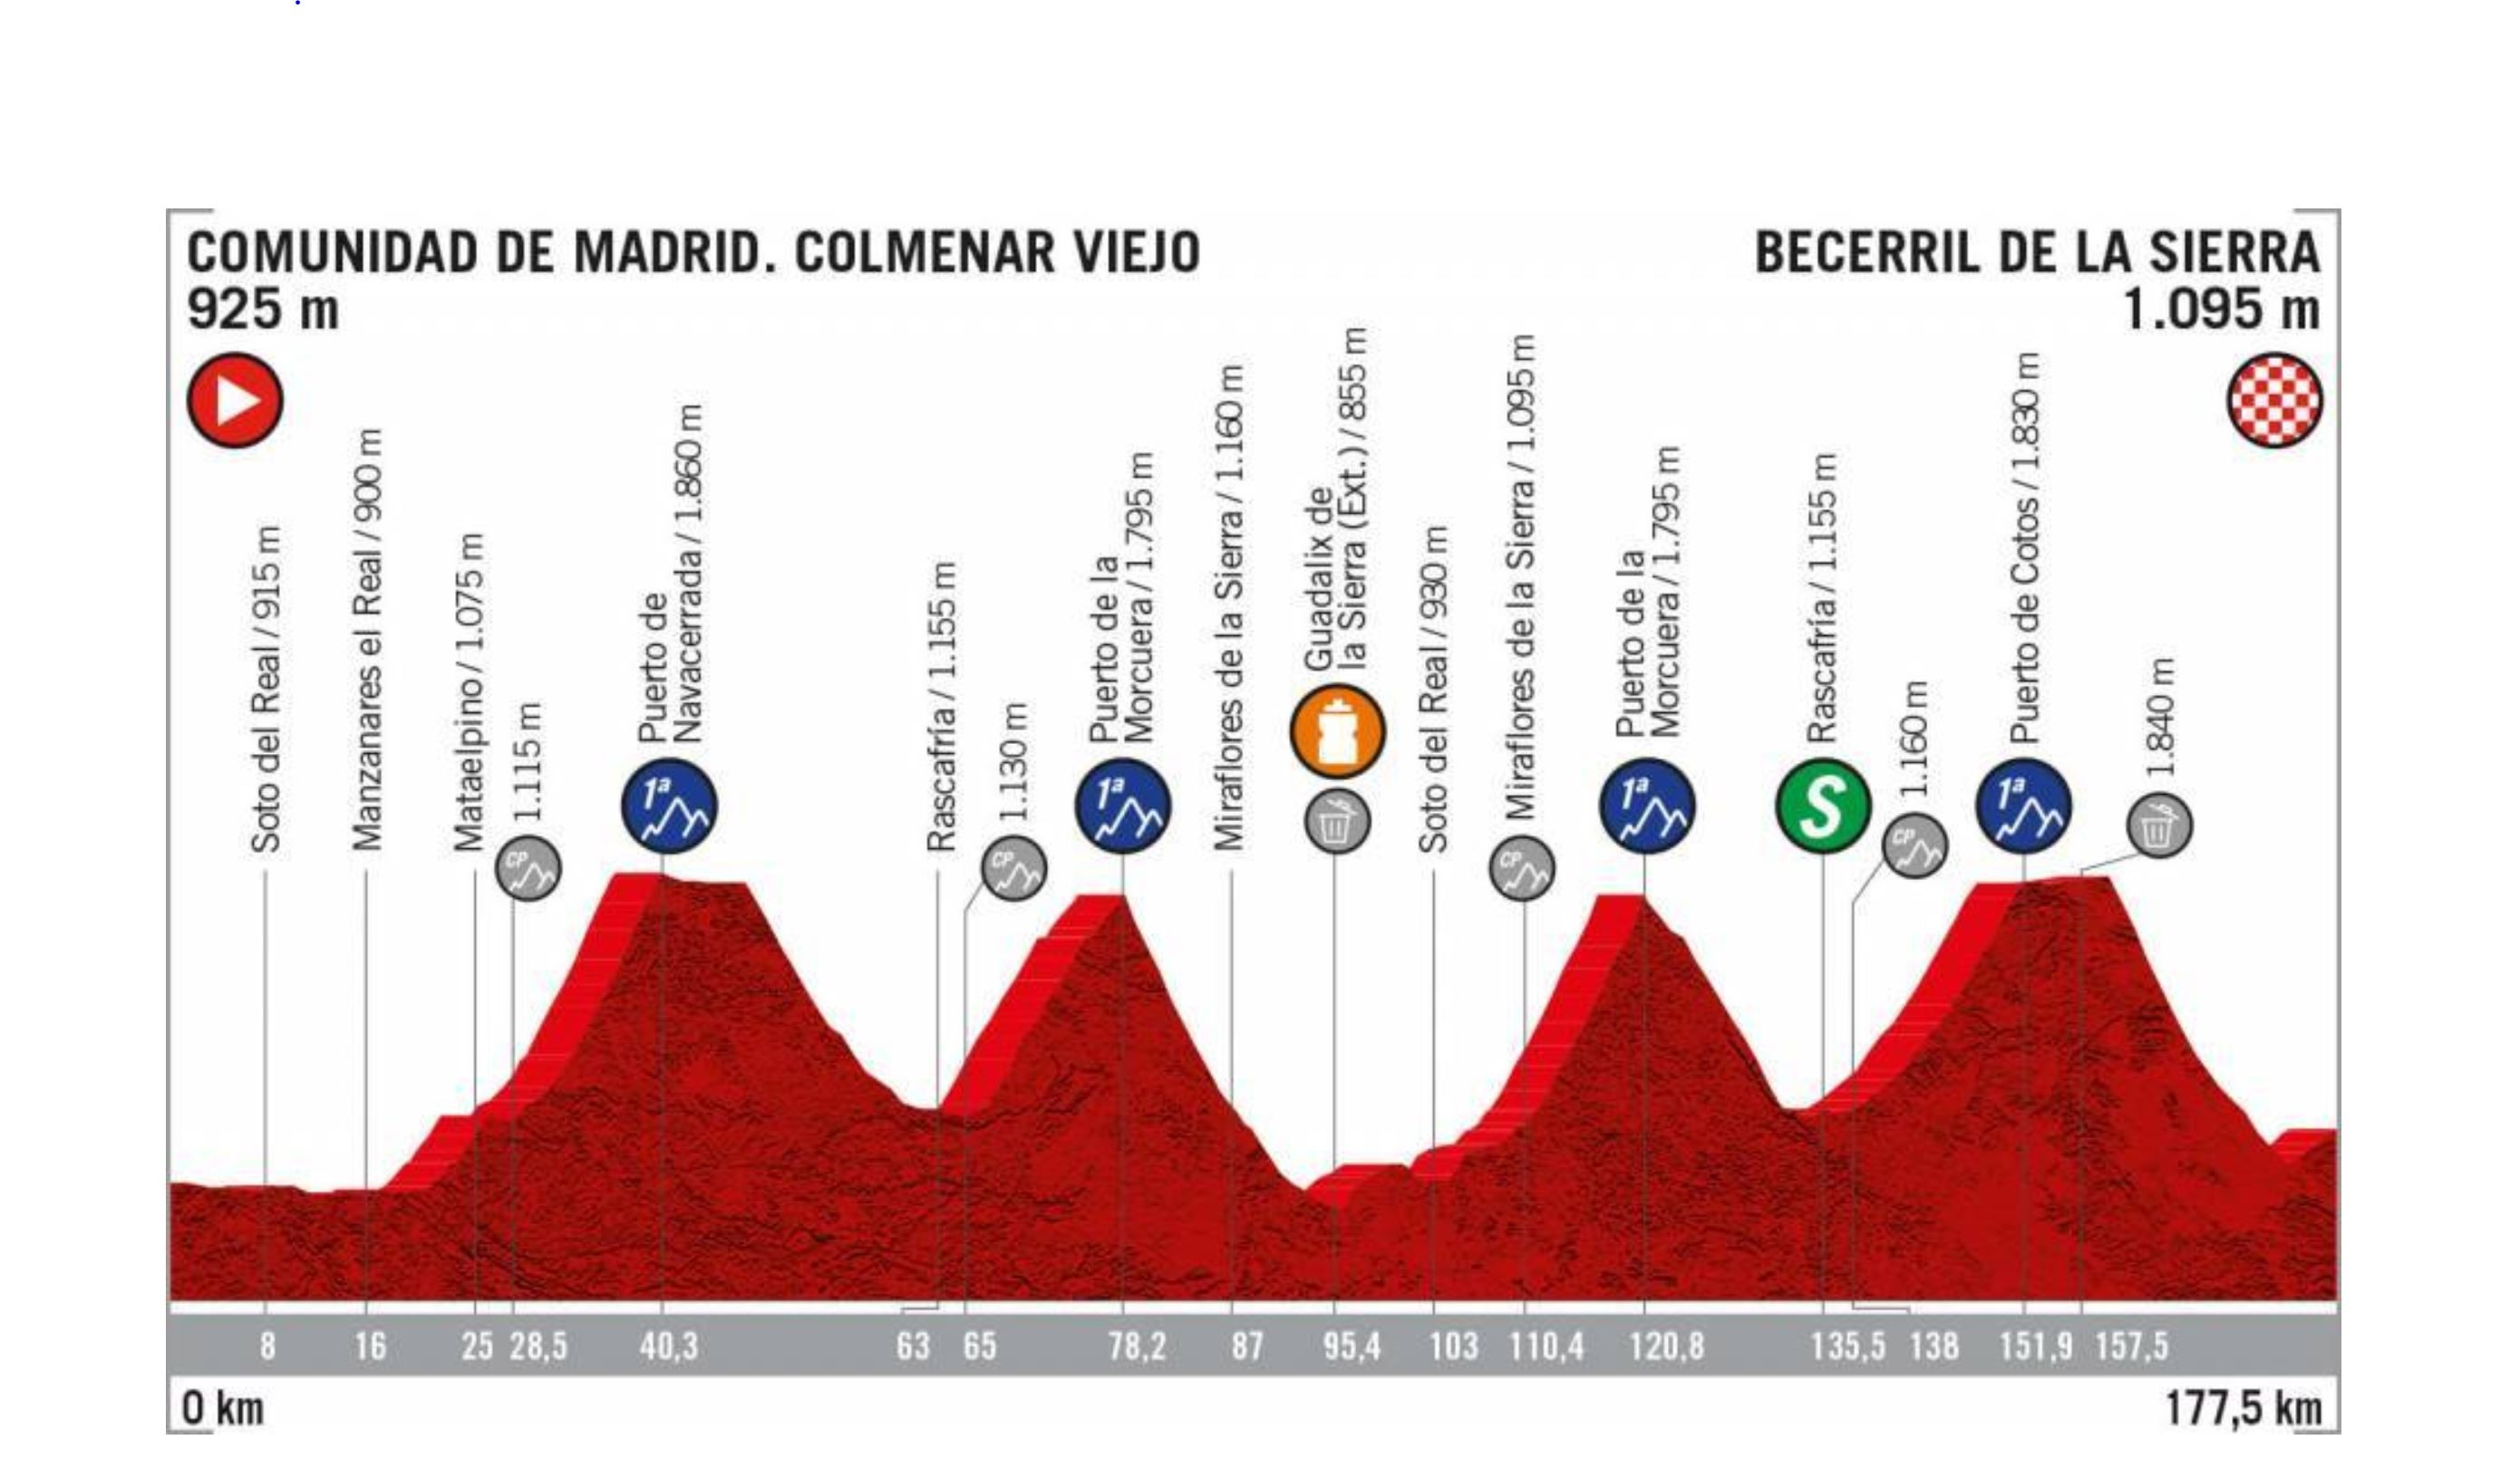 La Vuelta a Espana 2019, stage 18 profile